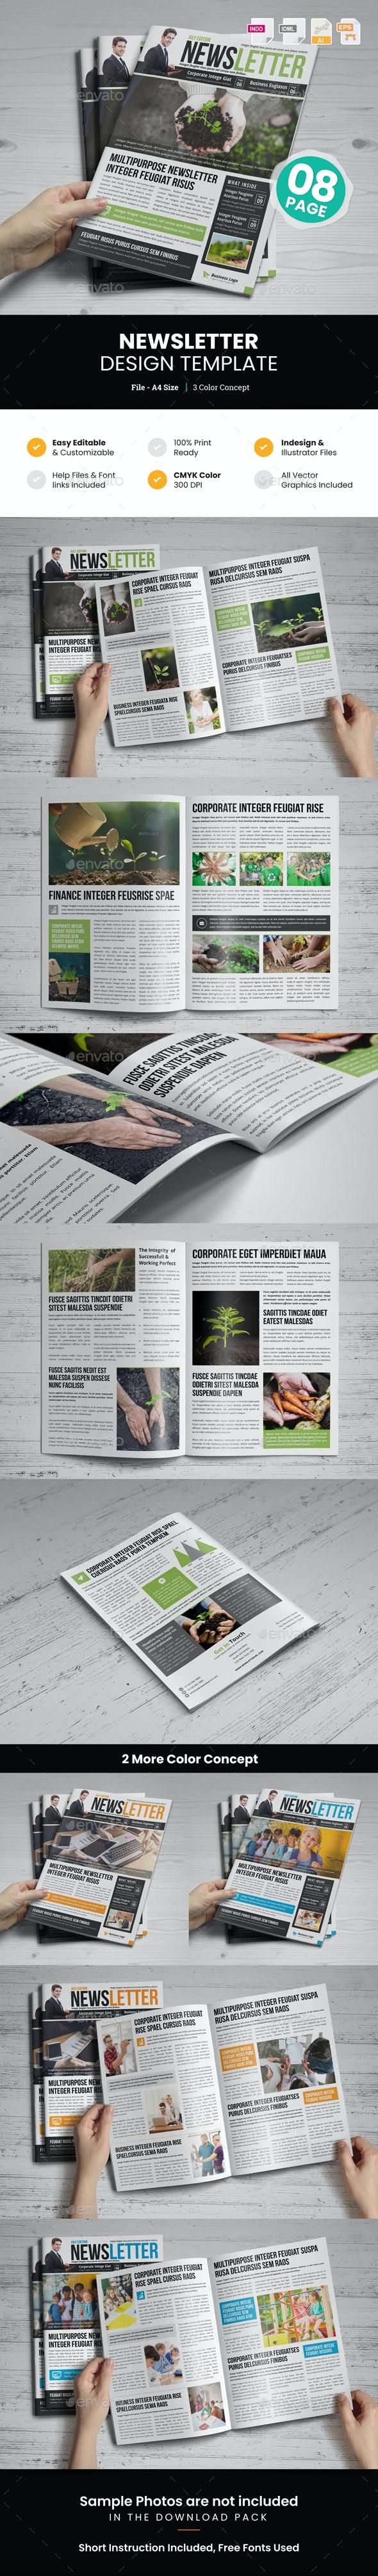 Newsletter Design v5